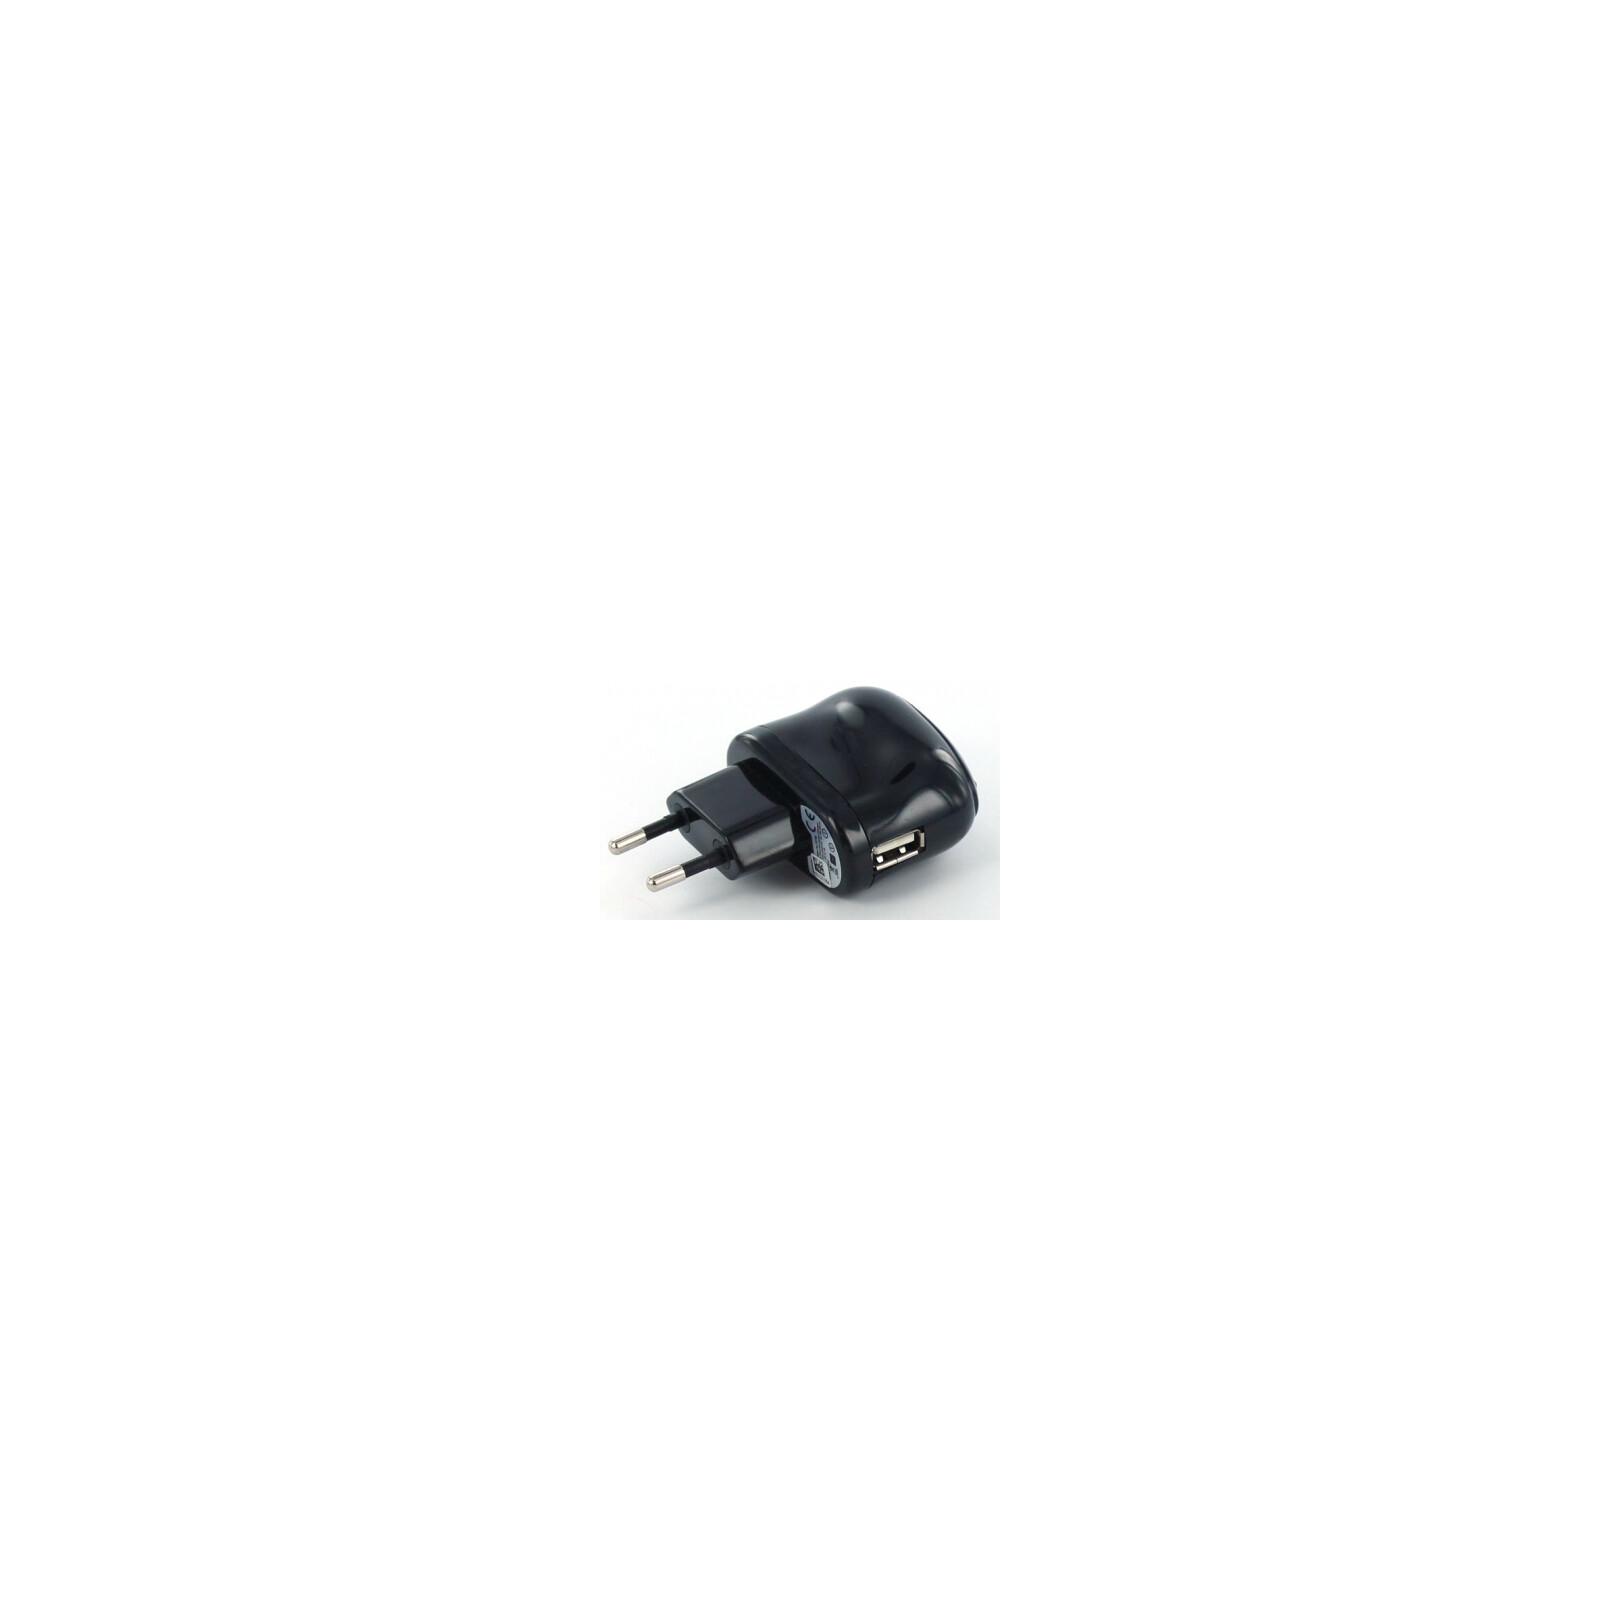 AGI USB-Netzteil Universal schwarz